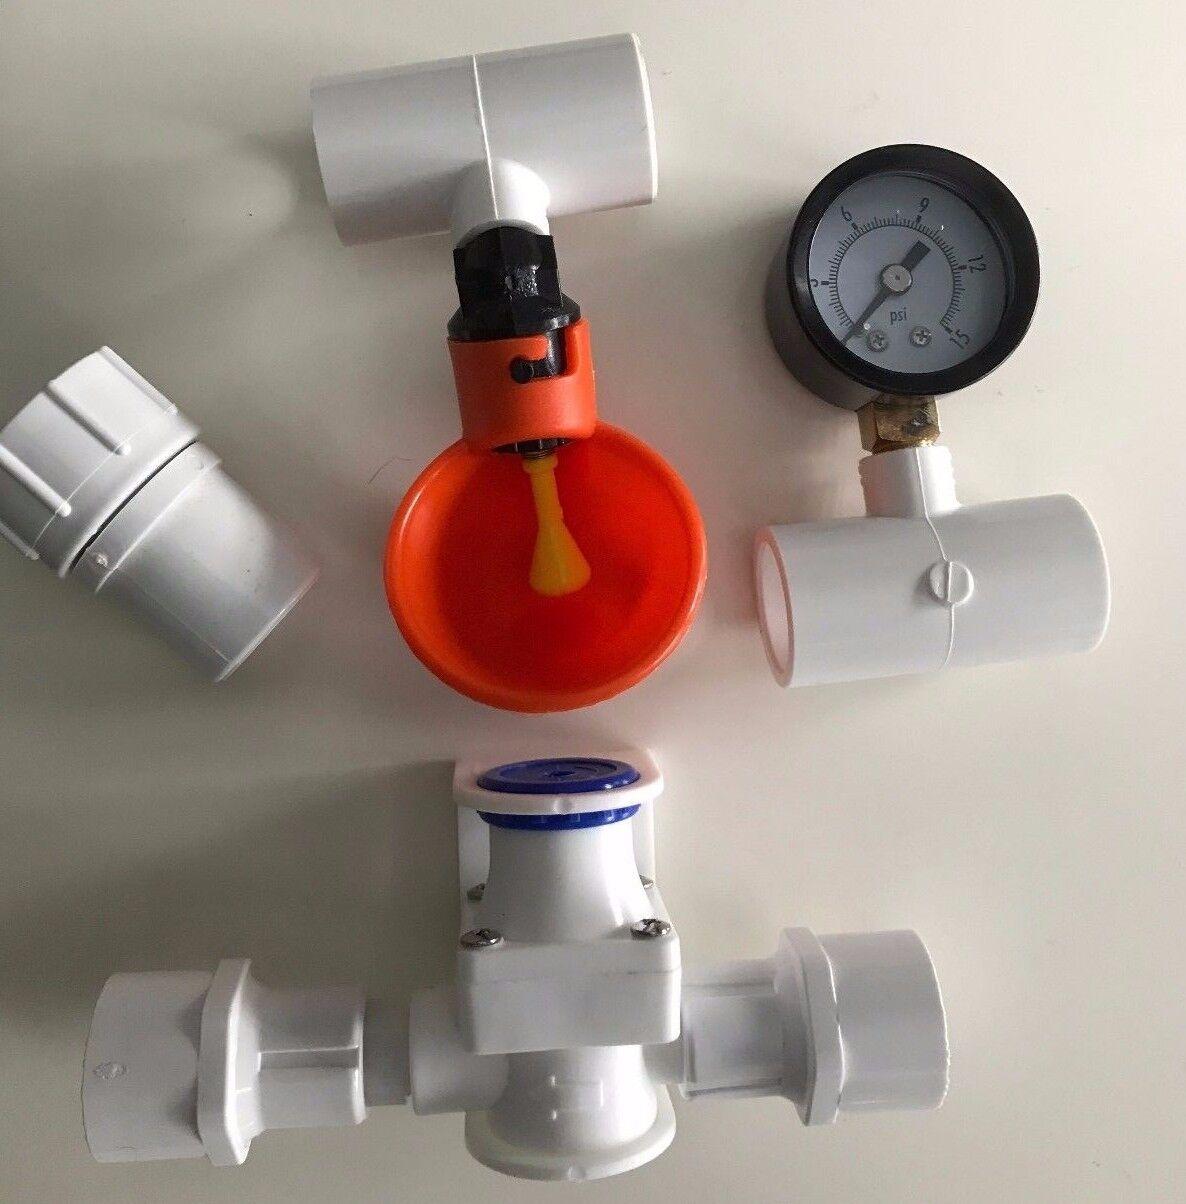 2 Cup Poultry Watering System + Tees, Pressure Regulator, Gauge + Hose Adapter